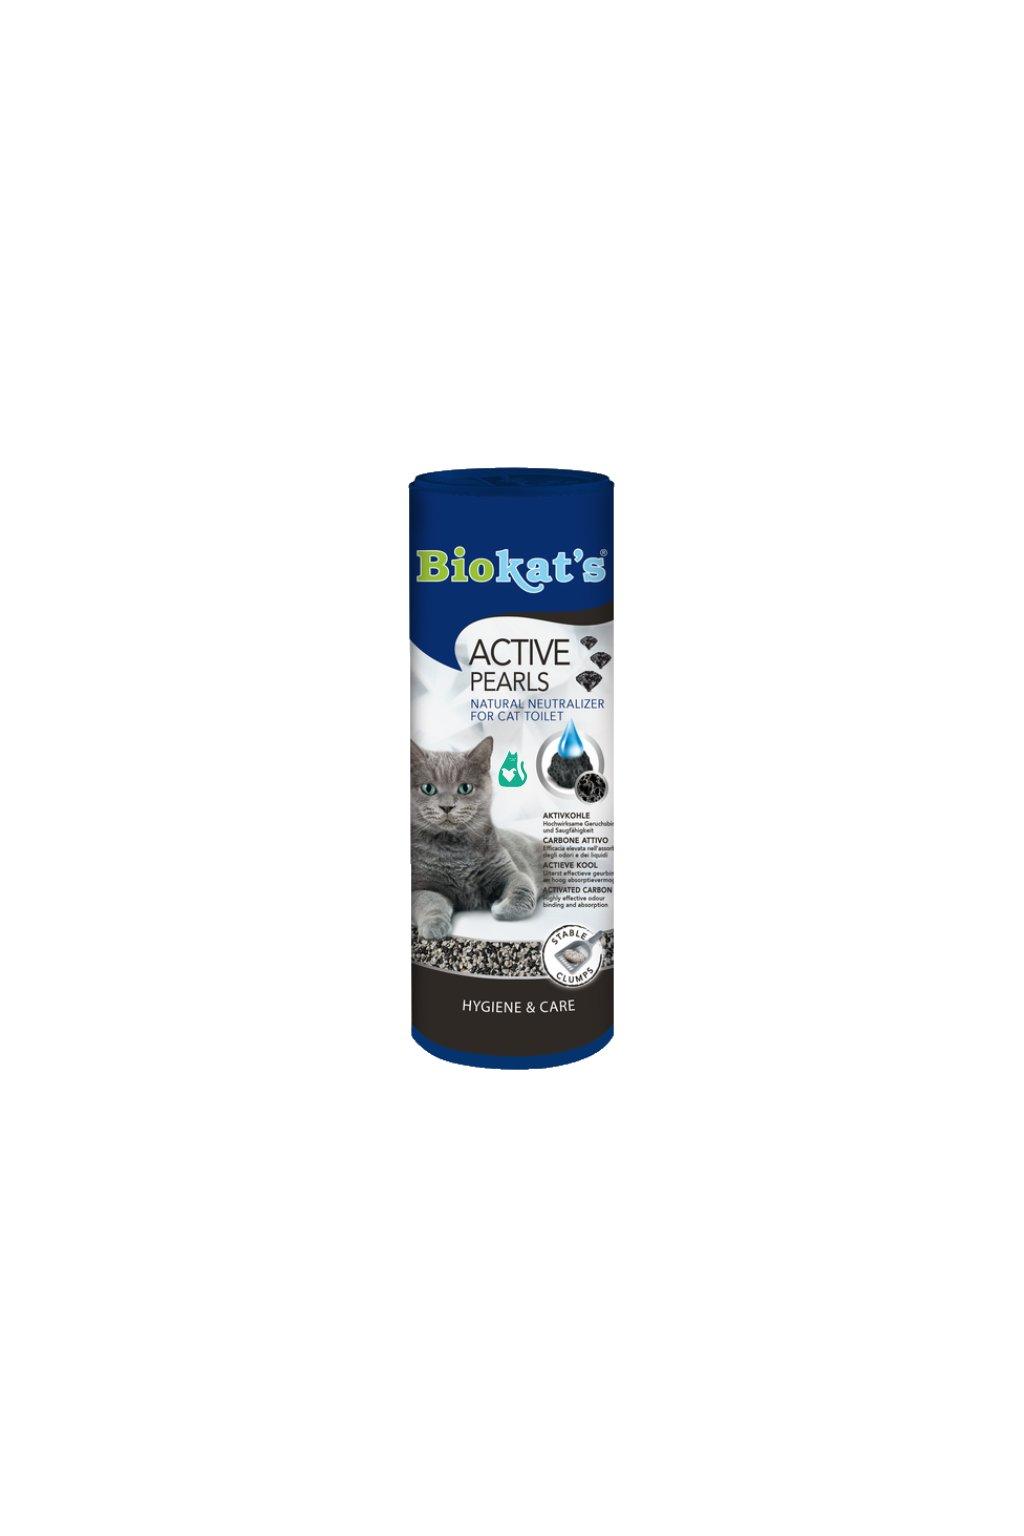 BIOKAT'S Active Pearls, aktivní uhlí - osvěžovač do kočičího WC 700g